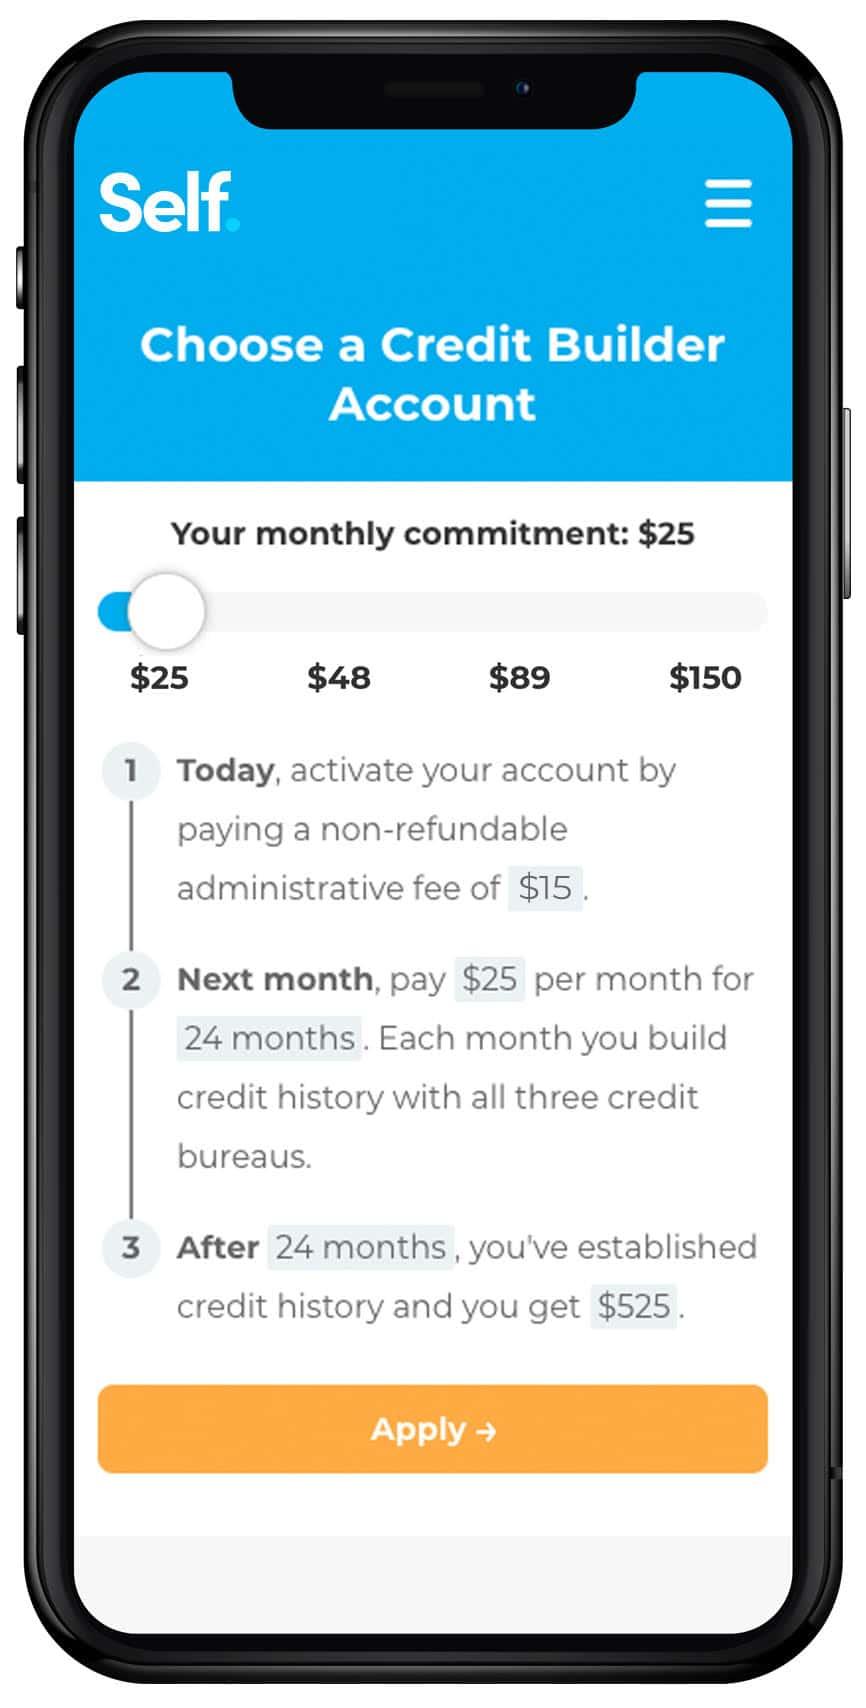 Self-Credit Builder Account